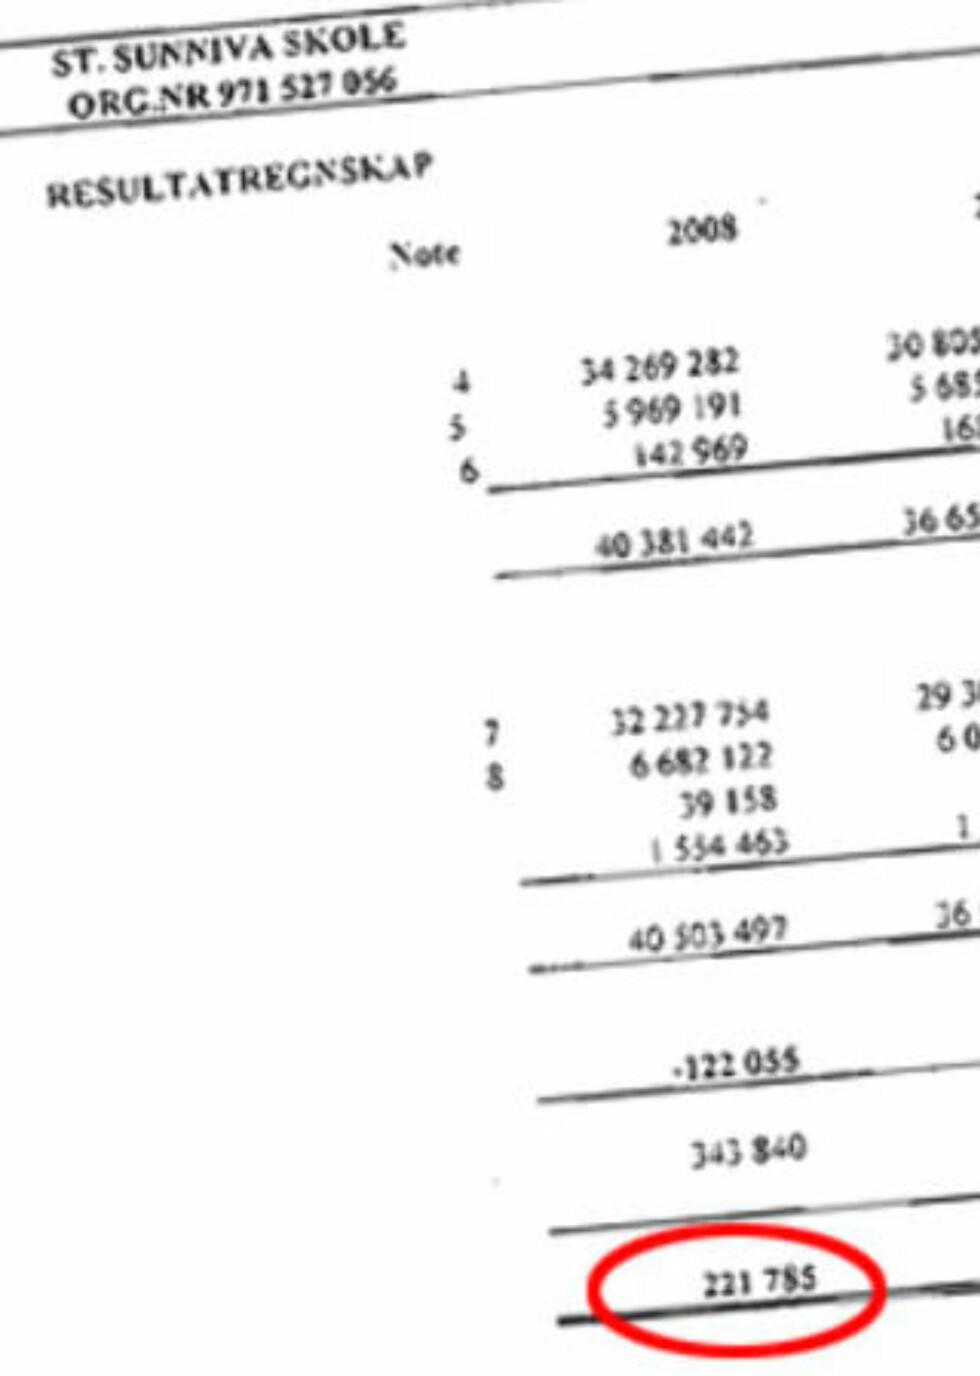 <strong>IKKE RÅD TIL Å LÅNE MED RENTE:</strong> St. Sunniva gikk med litt over 200 000 i overskudd i 2008. For å betjene et lån på 58 millioner med renter kreves en langt sterkere økonomi. Faksimile: Årsregnskapet